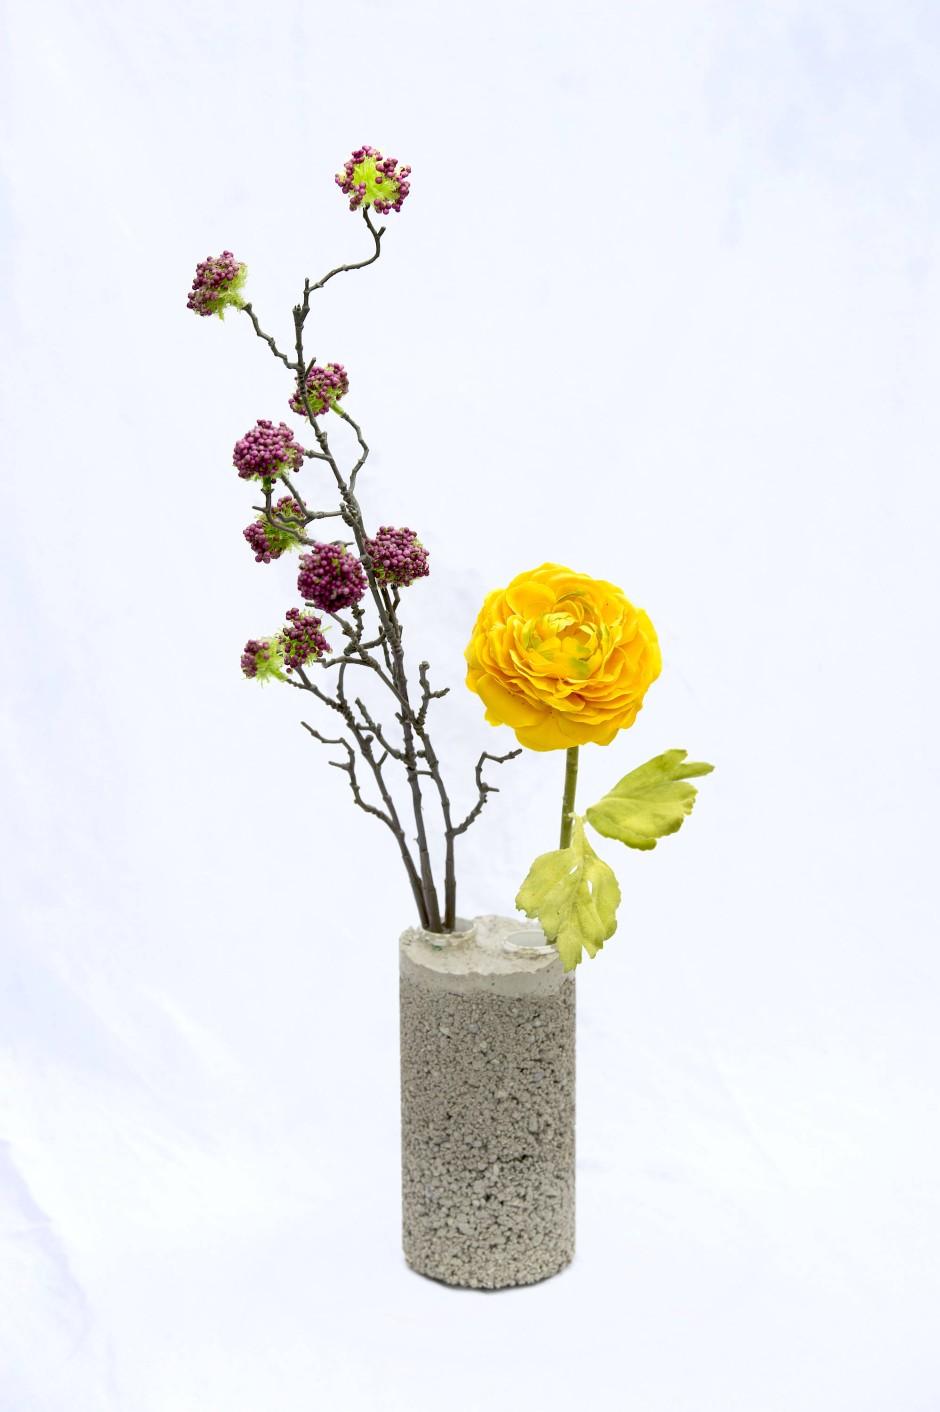 Die Blumenvase in Industriegrau hat ihre Form durch eine leere Chipsdose bekommen.